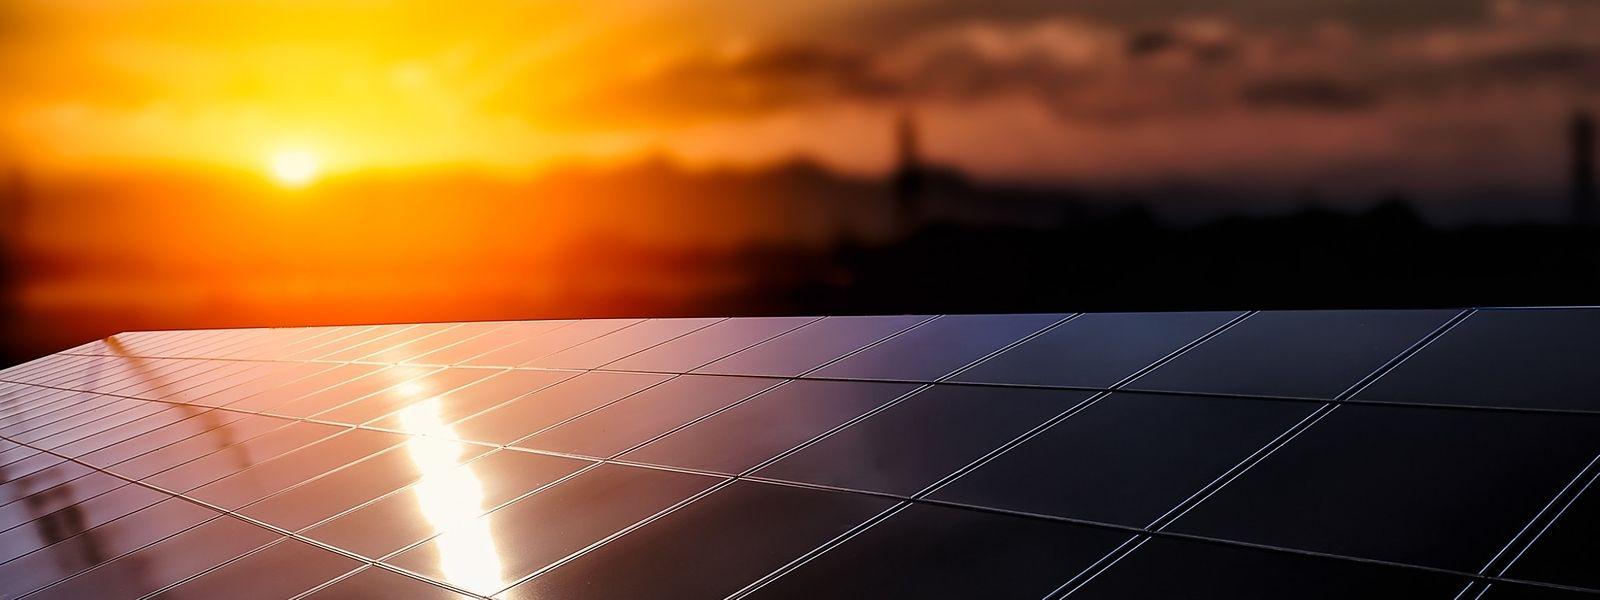 Les dispositions du Plan national énergie et climat prévoient une augmentation de l'efficience énergétique de 44% d'ici à 2030.